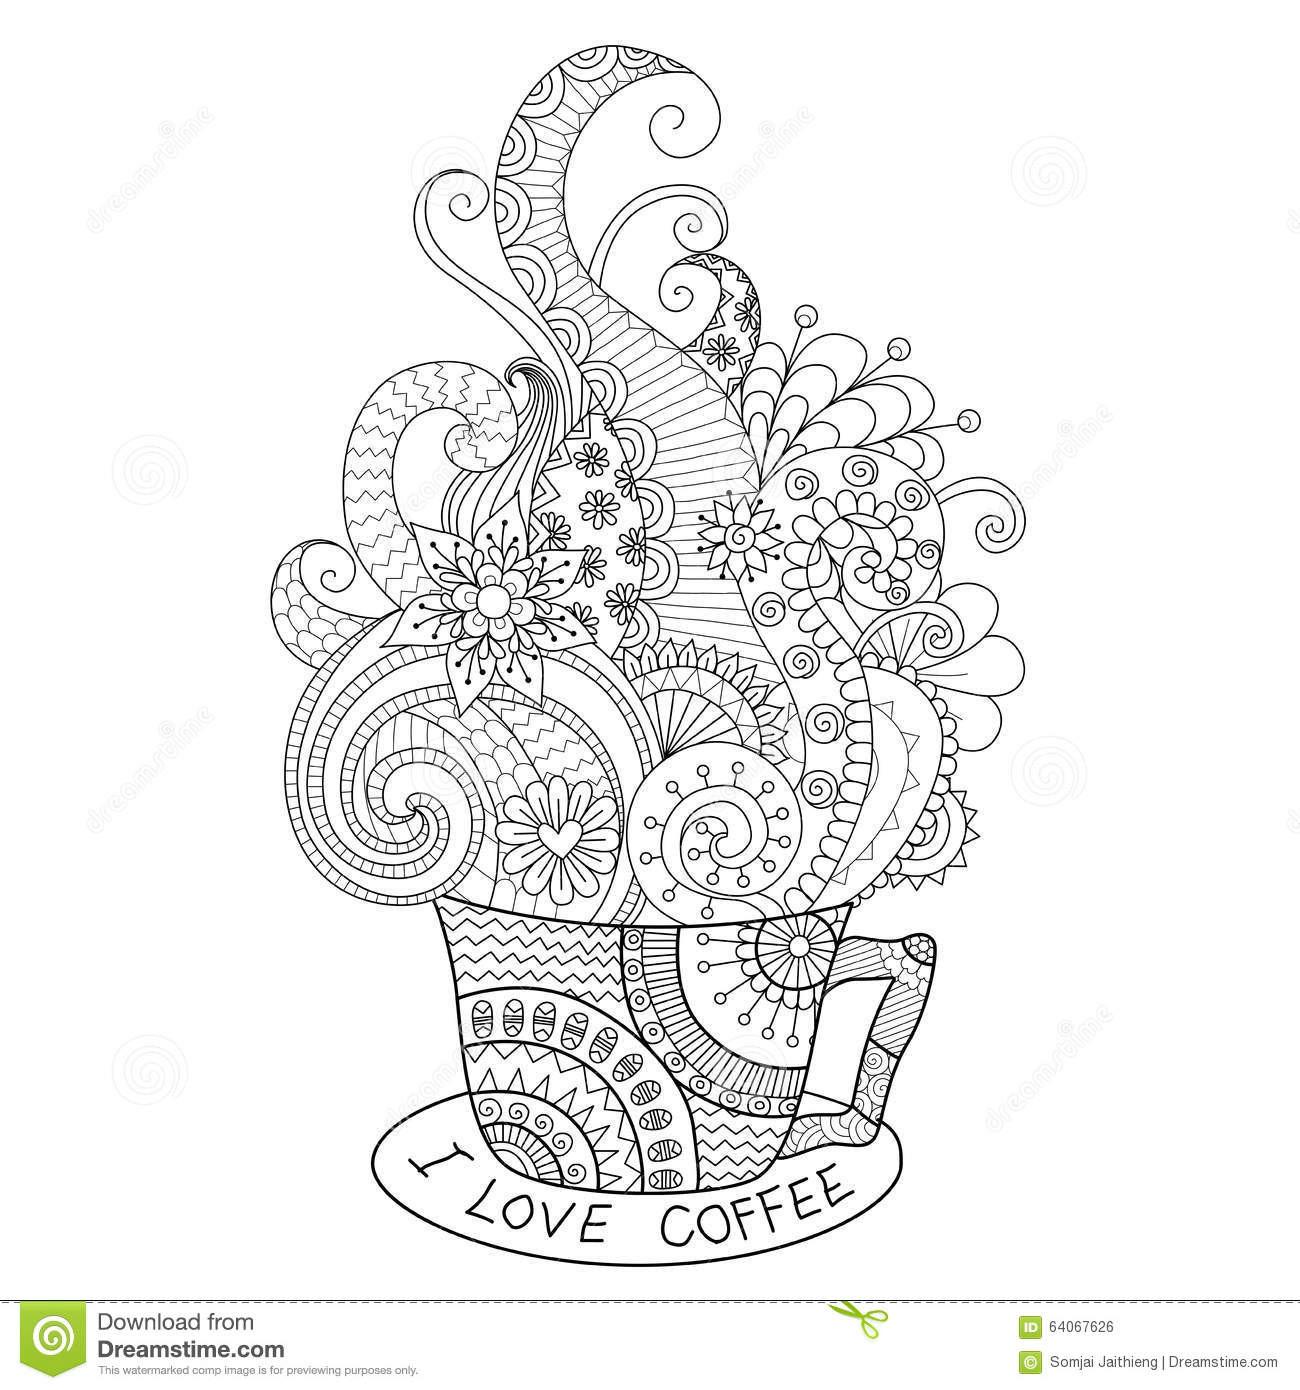 Starbucks Coloring Sheets For Girls  Starbucks Coffee Logo Coloring Pages Coloring Pages